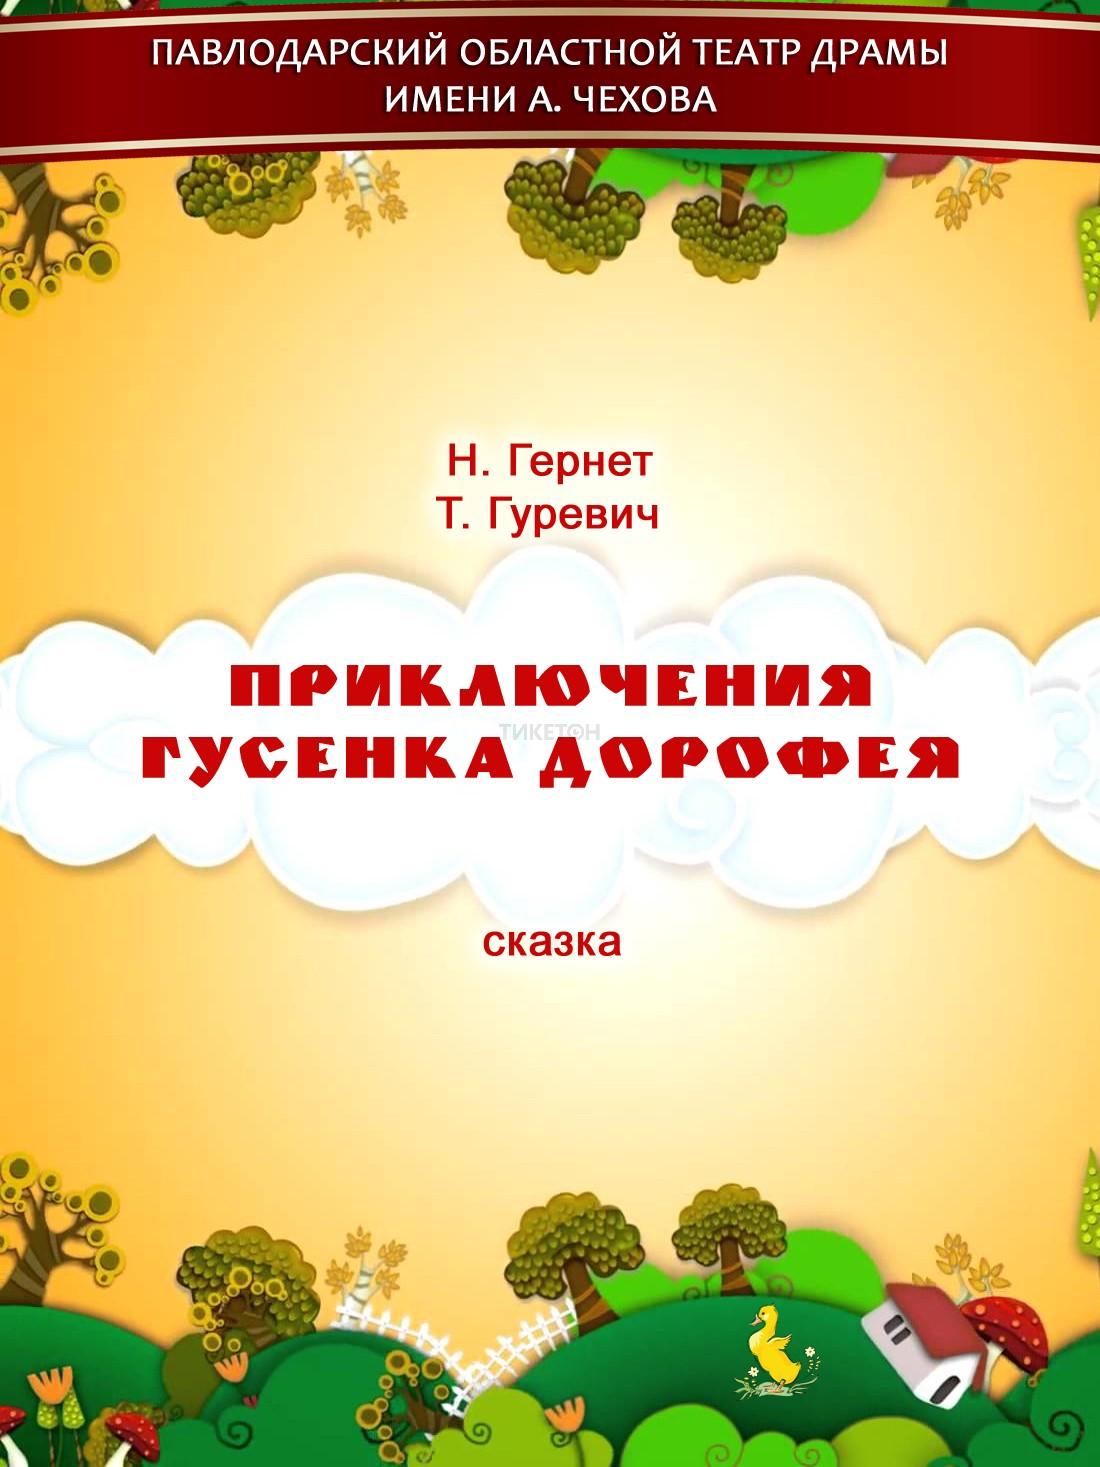 https://ticketon.kz/files/media/10318u30239_priklyucheniya-gusenka-dorofeya.jpg